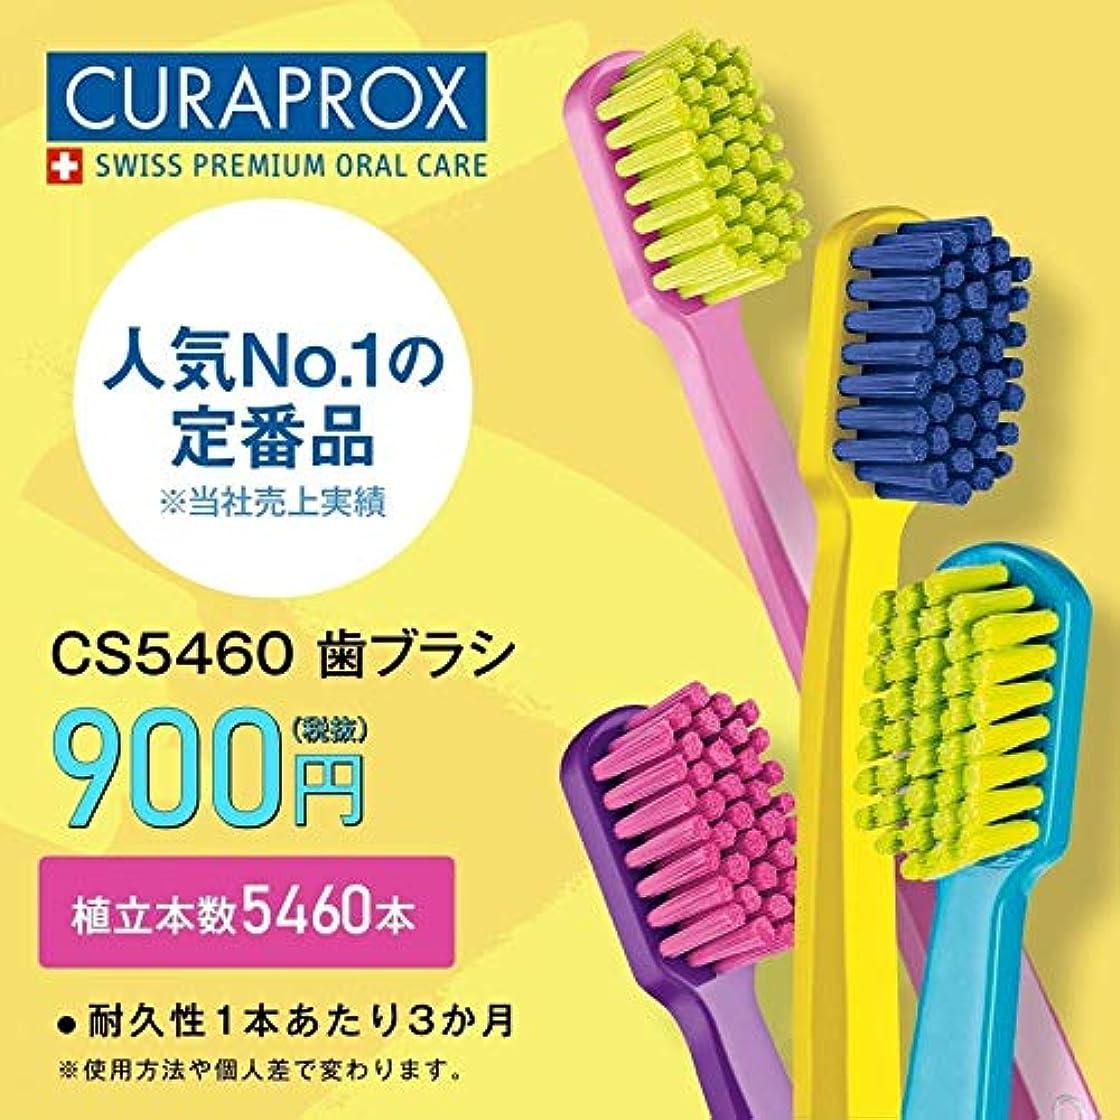 適応的しなやか乳白色歯ブラシ クラプロックス CS5460 ウルトラソフト 植毛5460本